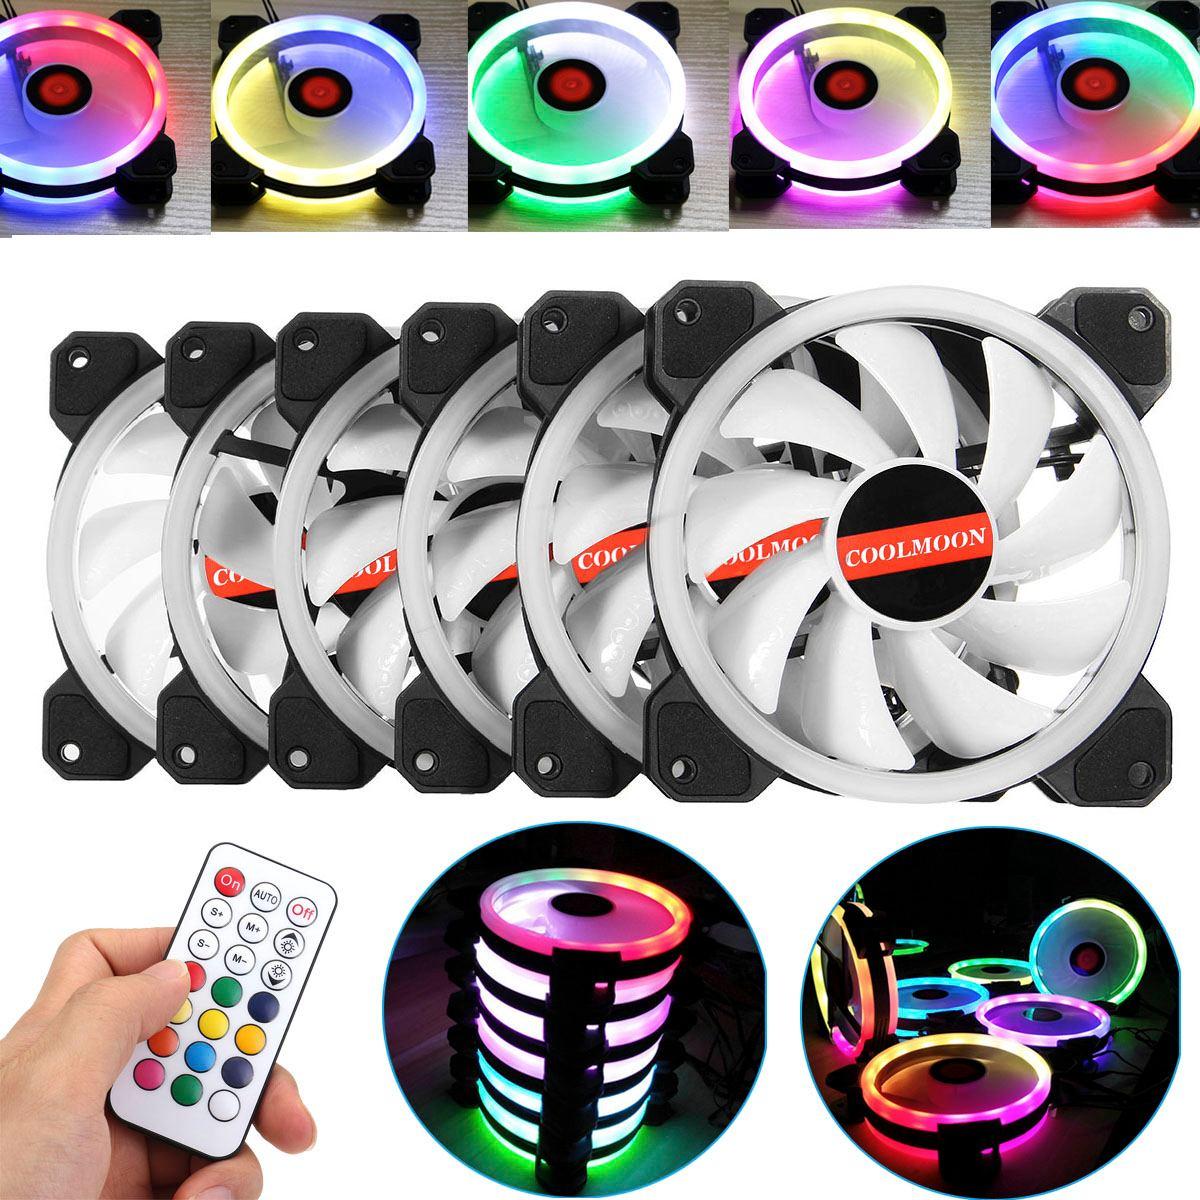 6 pièces coque d'ordinateur PC ventilateur de refroidissement RGB ventilateur de refroidissement ajuster LED 120mm silencieux IR ordinateur à distance refroidisseur refroidissement RGB boîtier ventilateur pour CPU